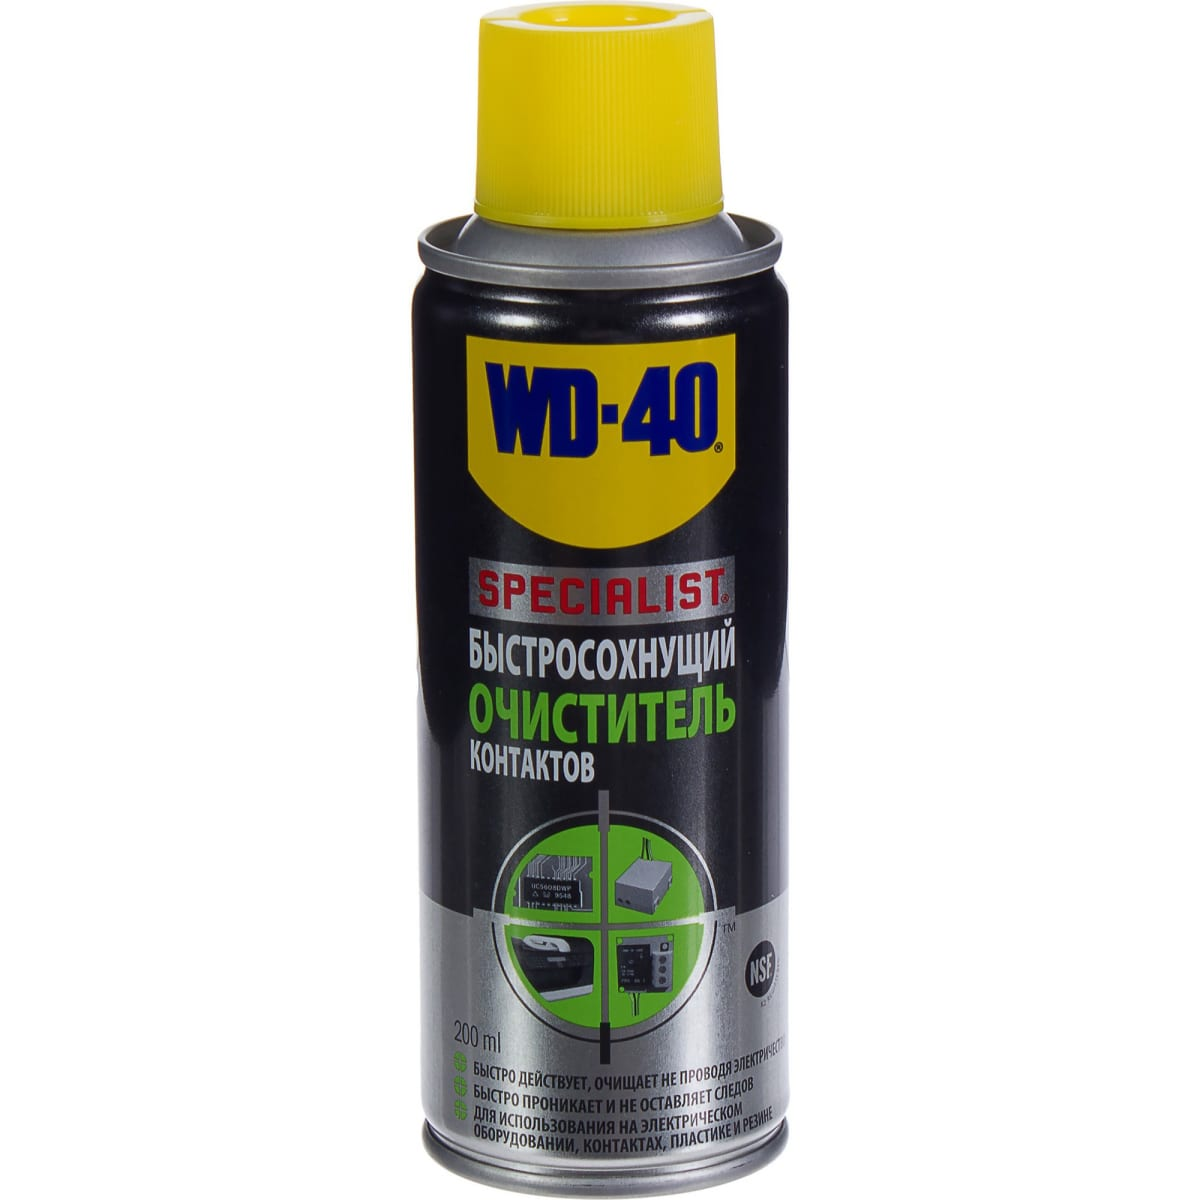 Очиститель контактов WD-40 Specialist, 200 мл